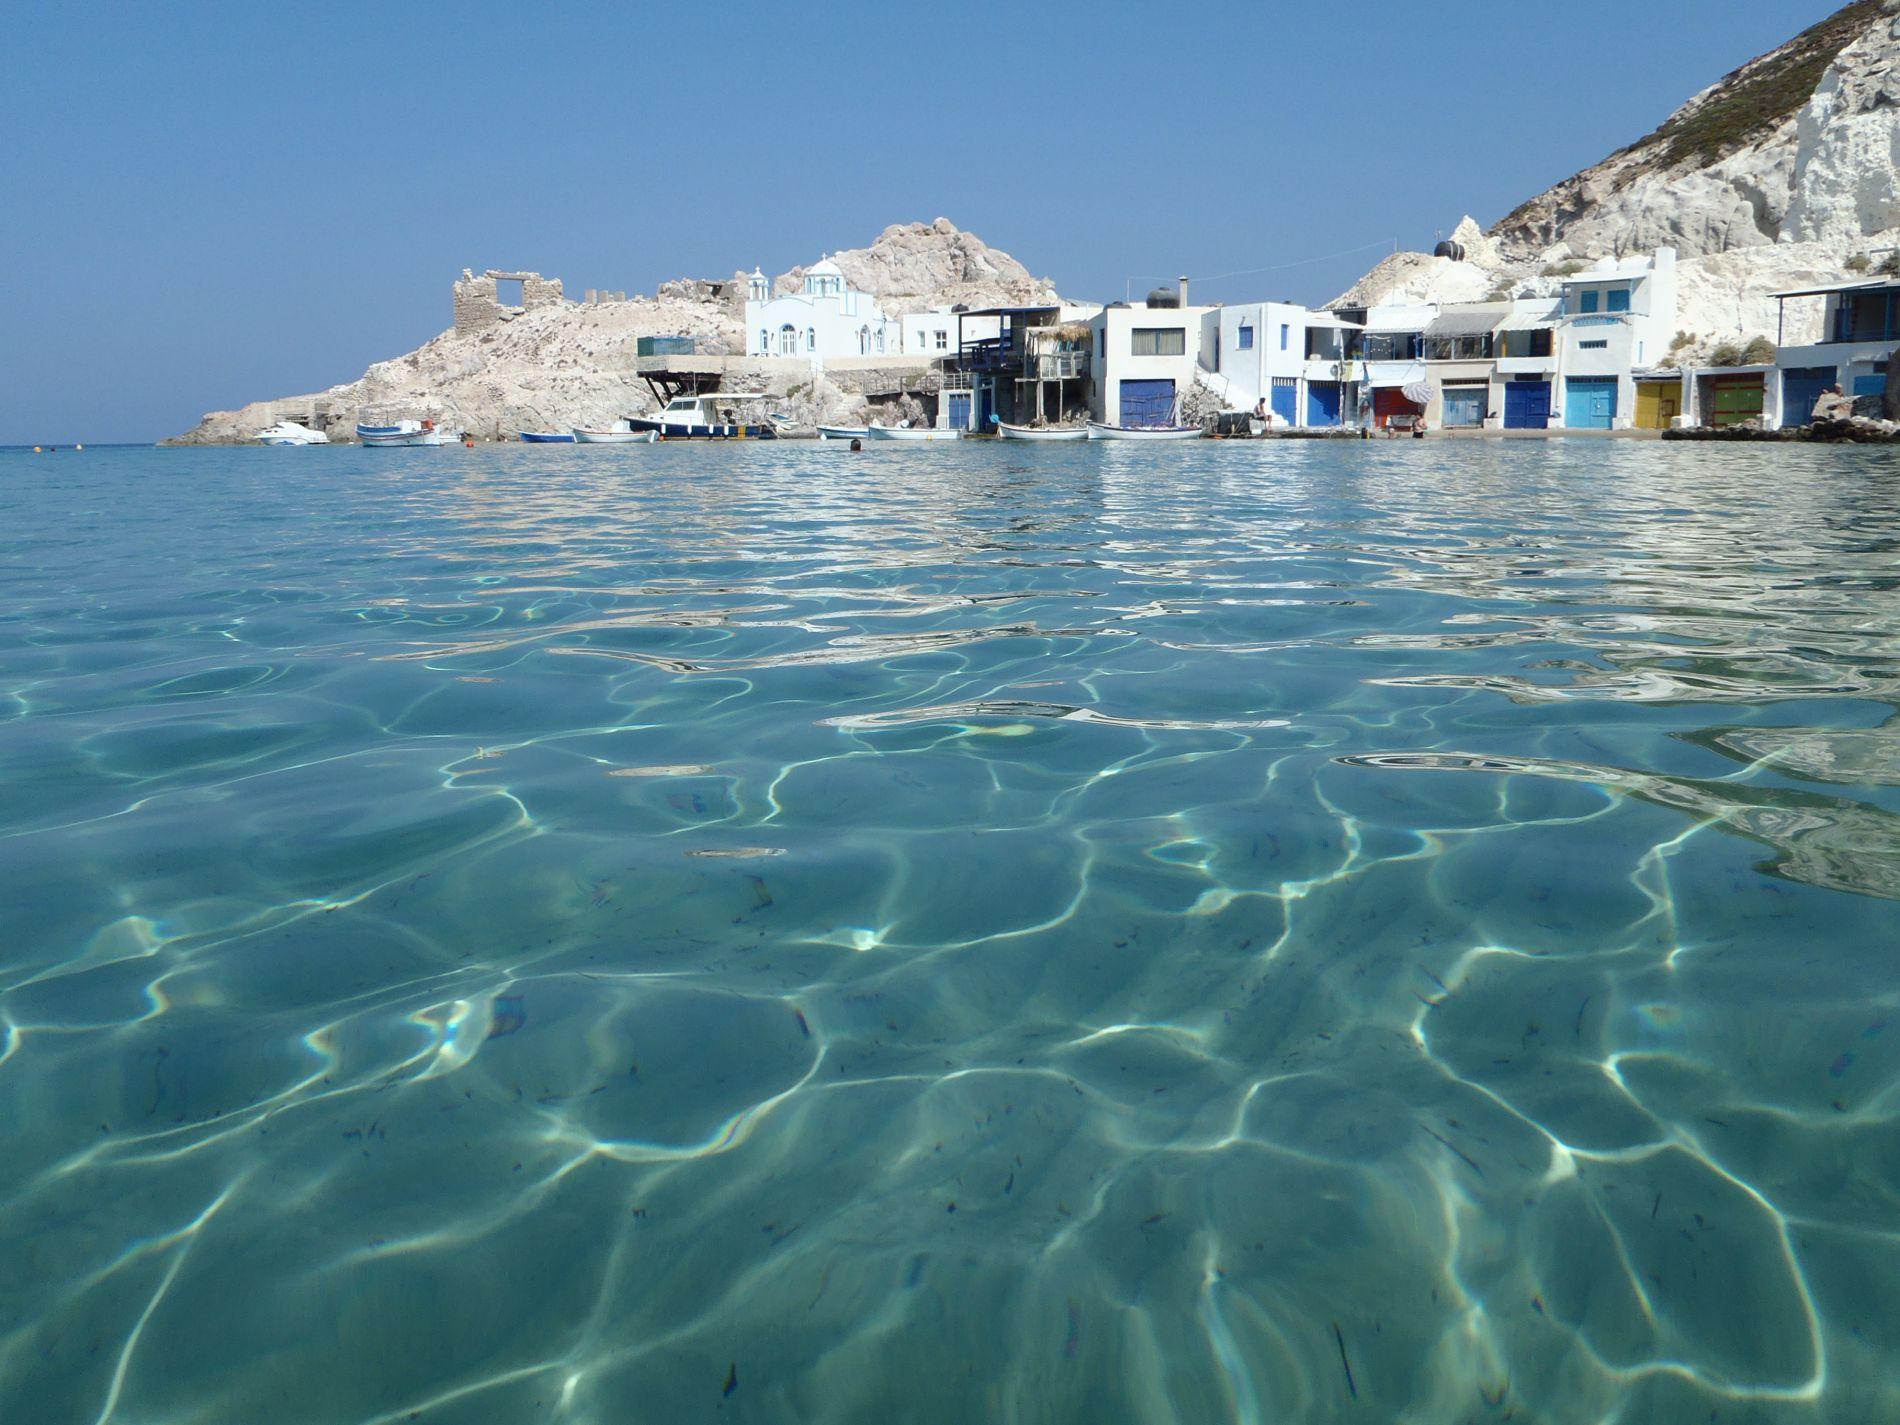 карта картинки фото моря греция хочу, чтобы была